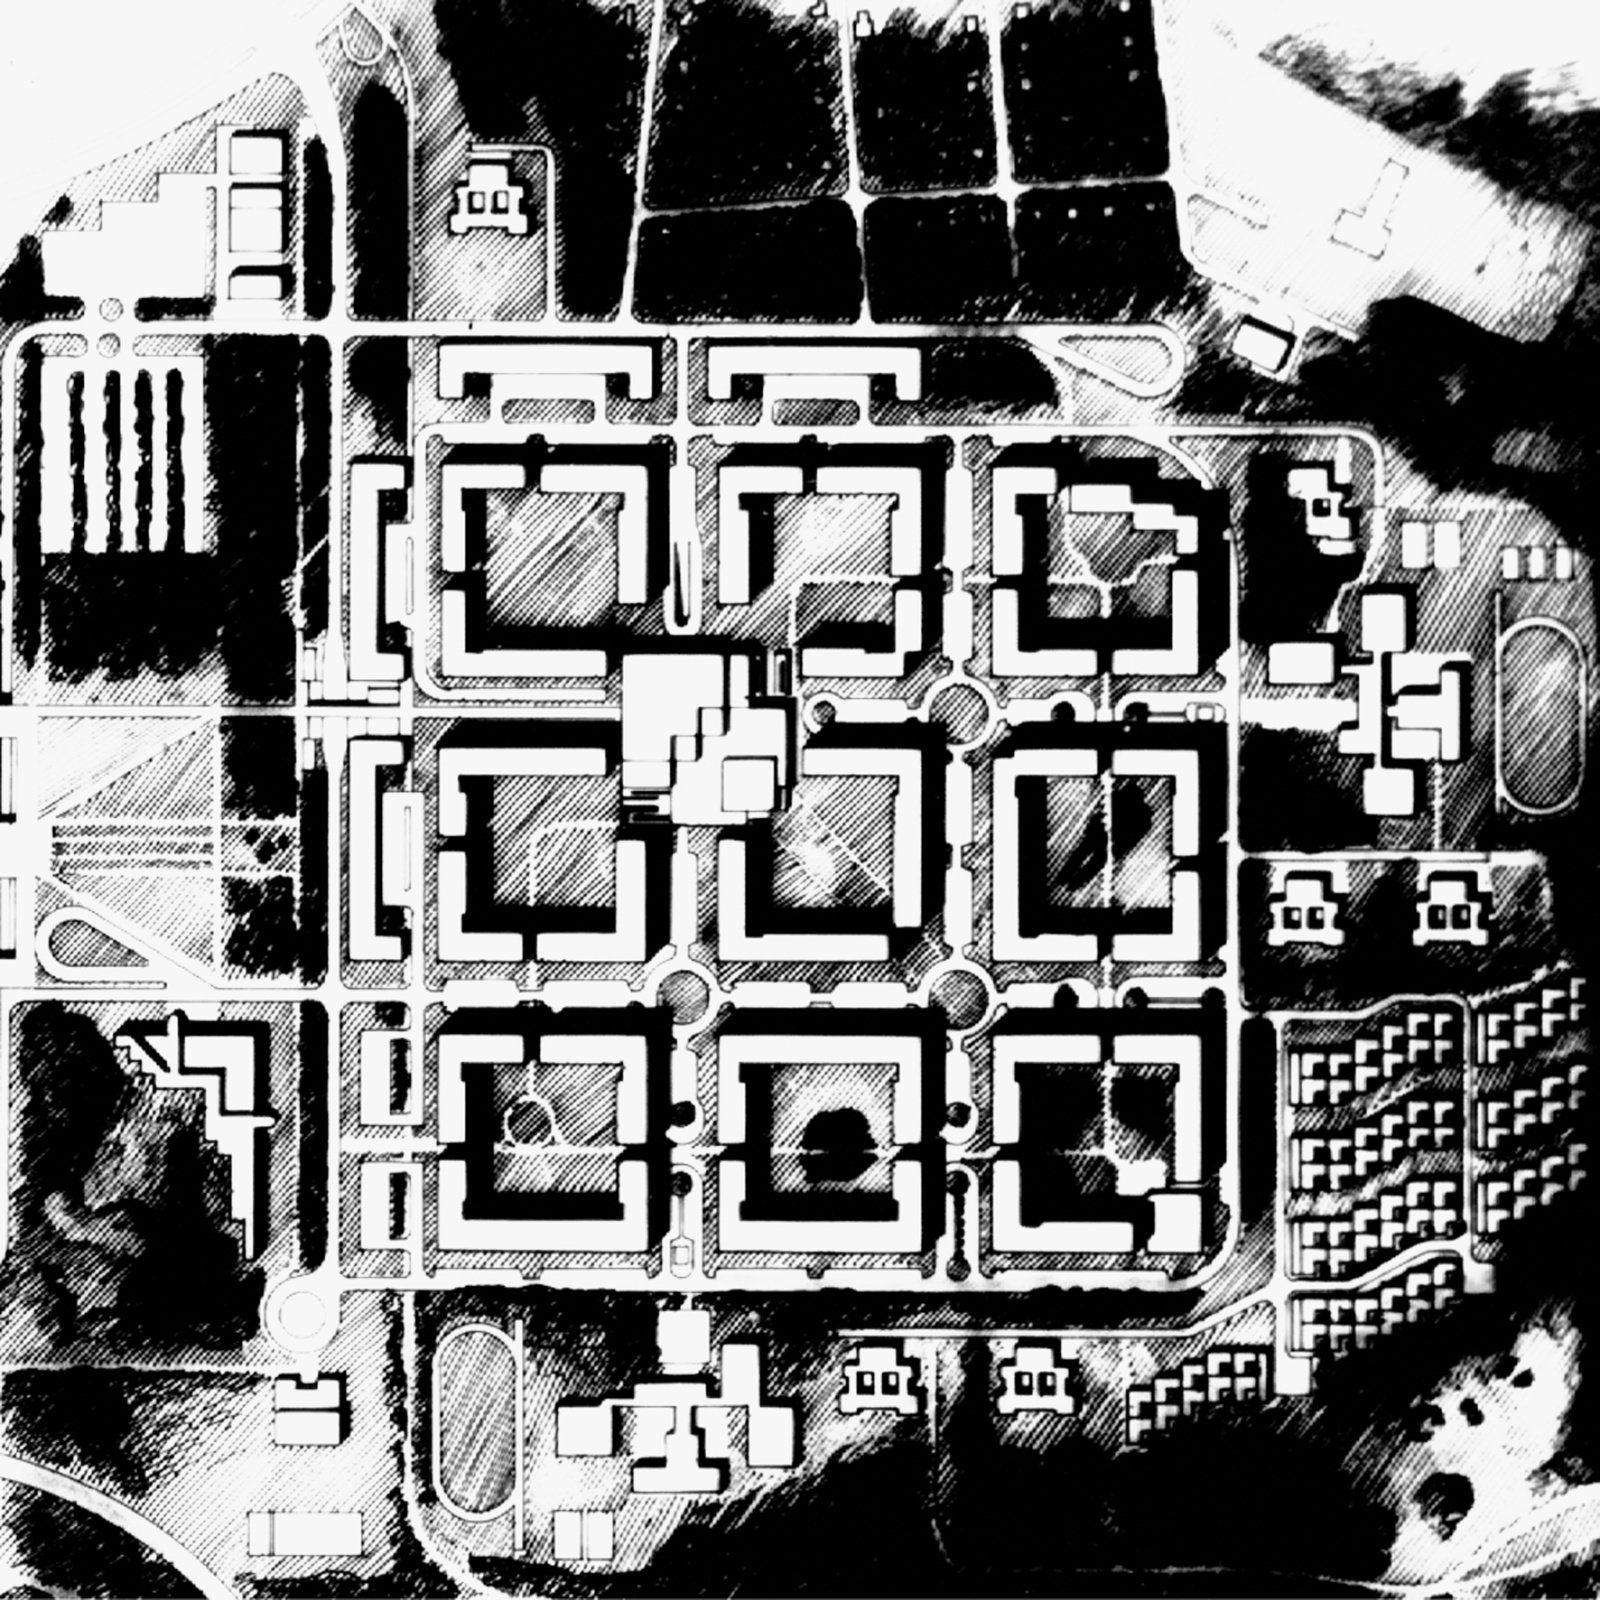 Sídliště Velká Ohrada, projekt a začátek realizace 1978